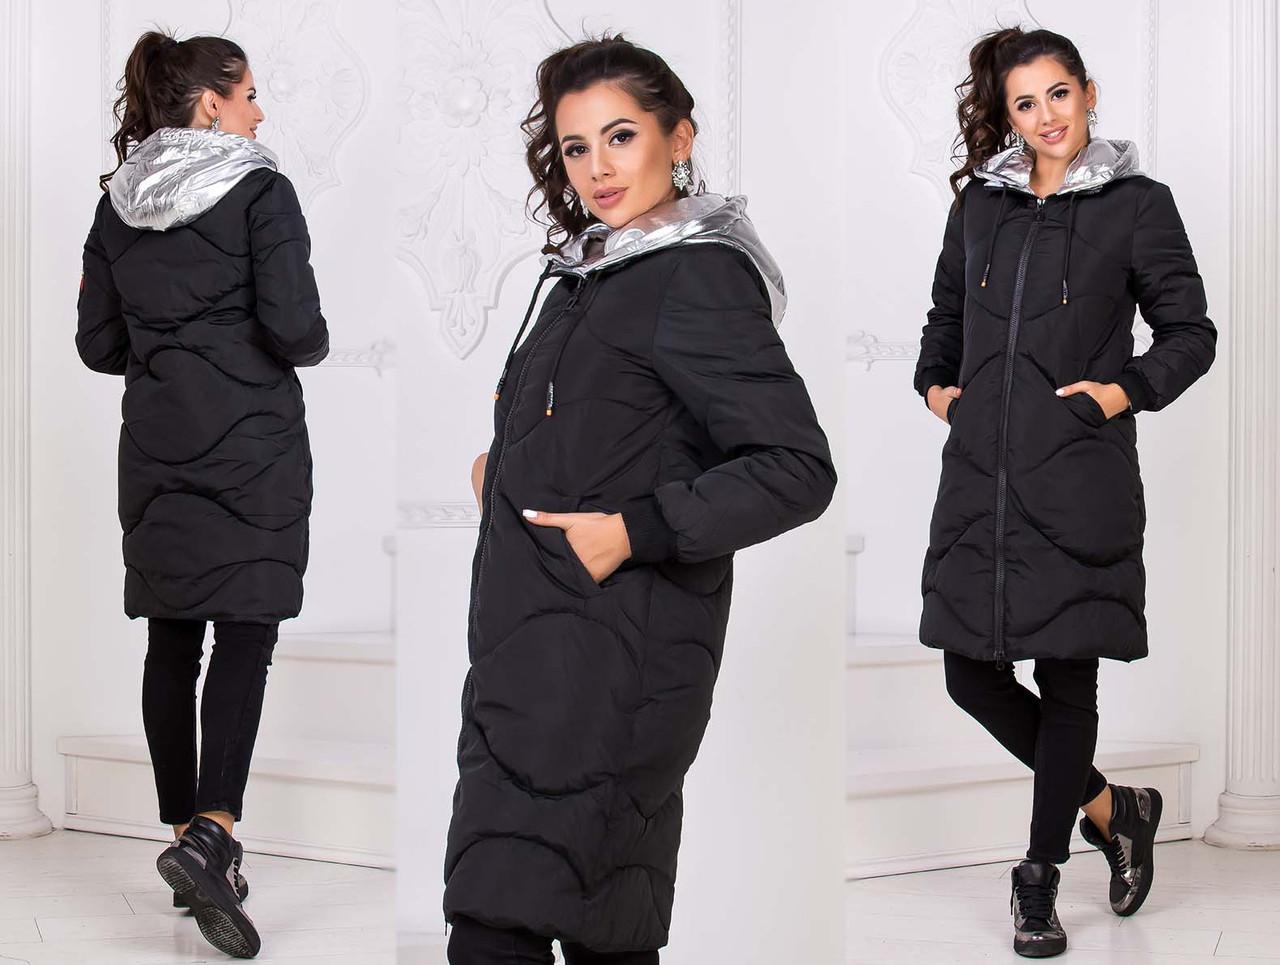 """Стильне жіноче зимове пальто тканини холлофайбер до великих розмірів """"Плащівка Капюшон Срібло"""""""